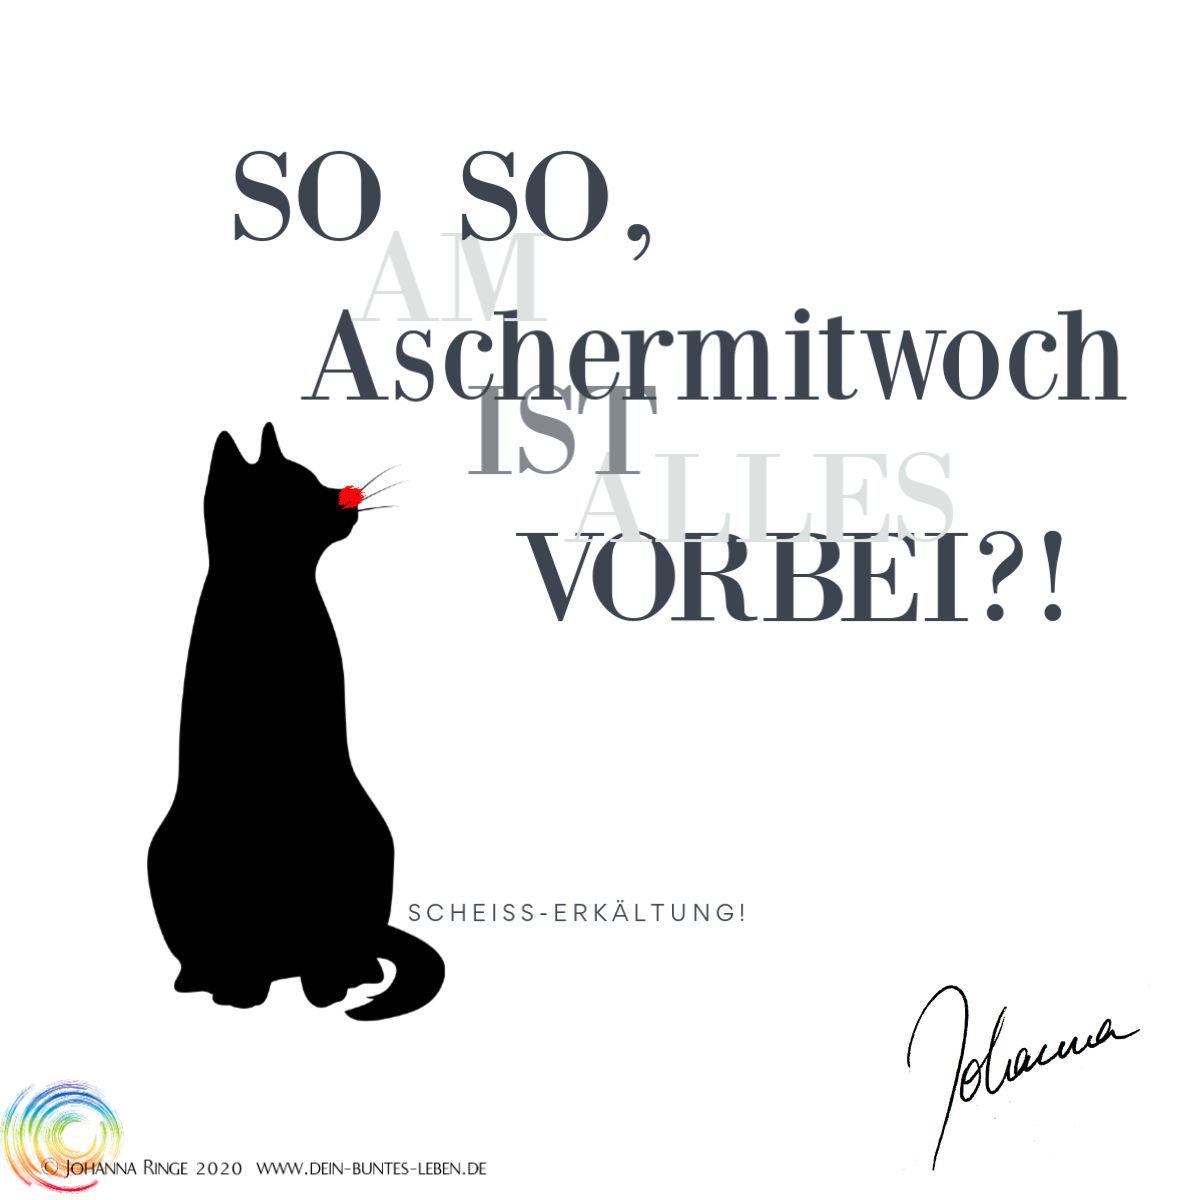 Soso, an Aschermittwoch ist alles vorbei?! (Katzensilhouette mit roter Nase) ©Johanna Ringe 2020 www.dein-buntes-leben.de